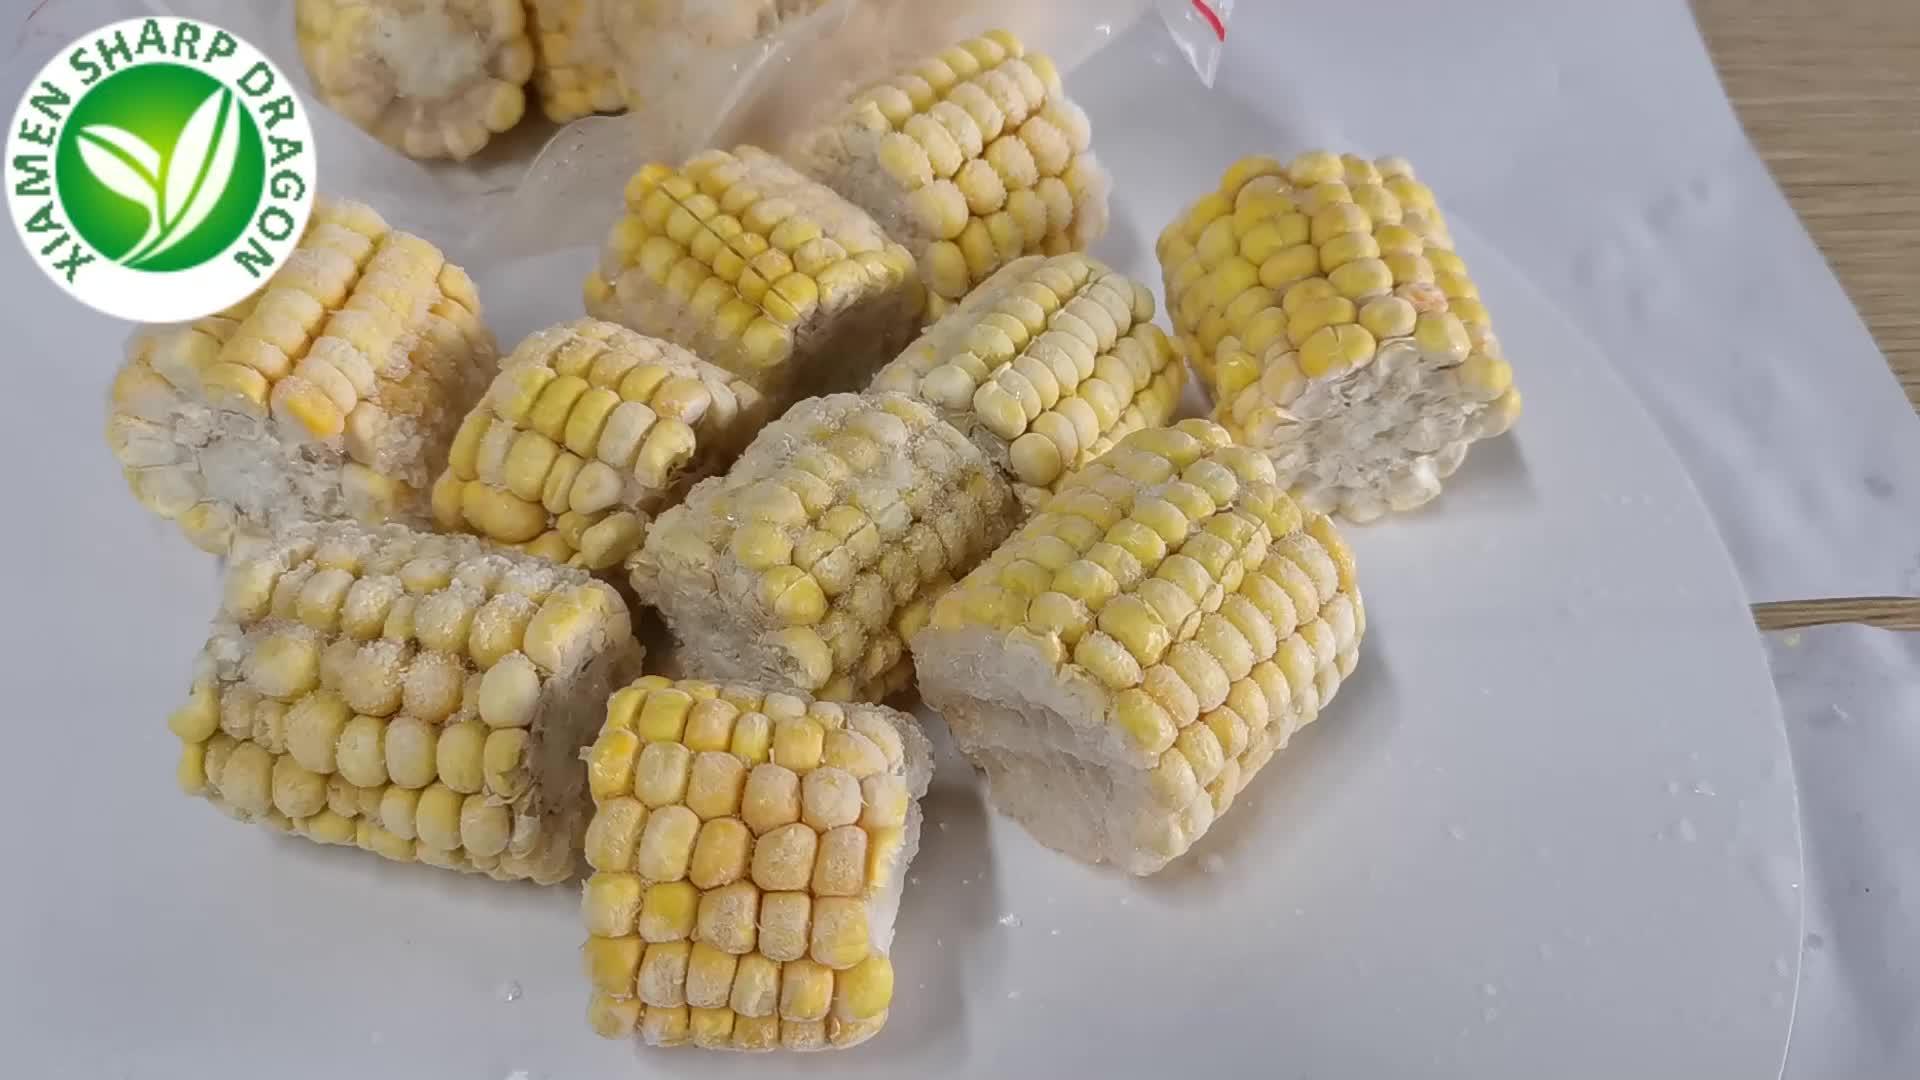 Iqf gefrorene gedämpfte organische masse mais